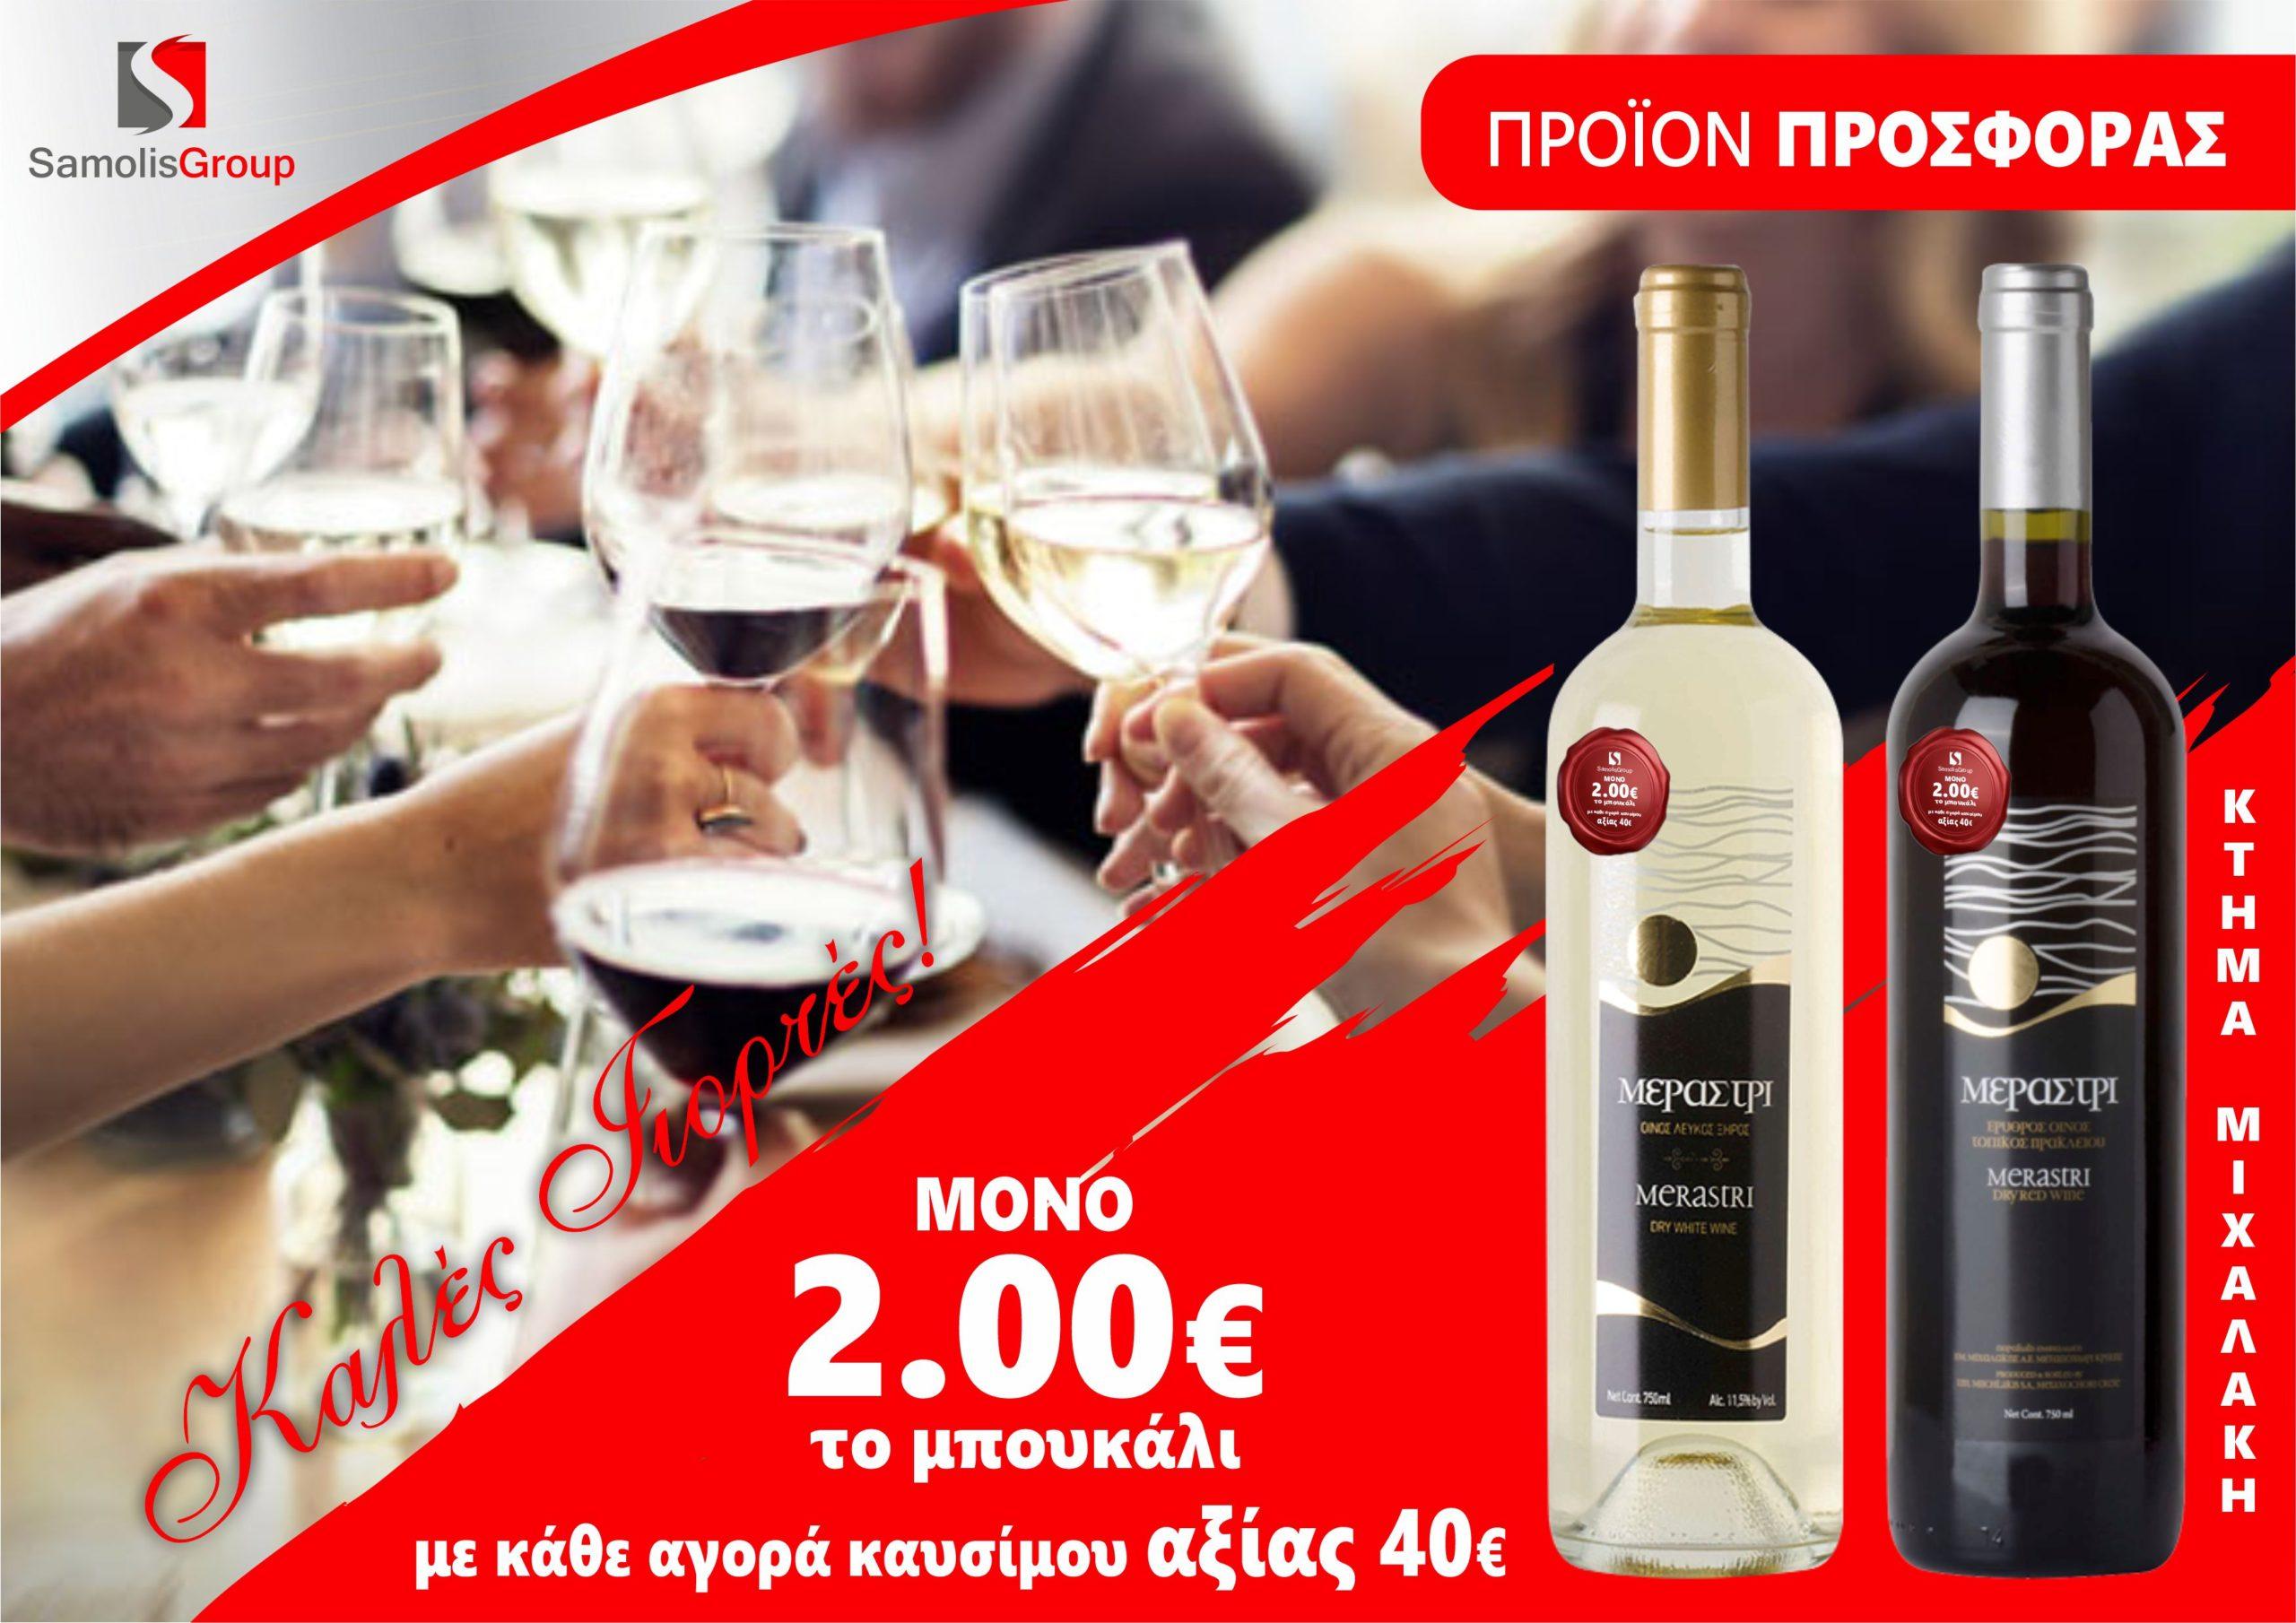 αφίσα προωθητικής κρασιού